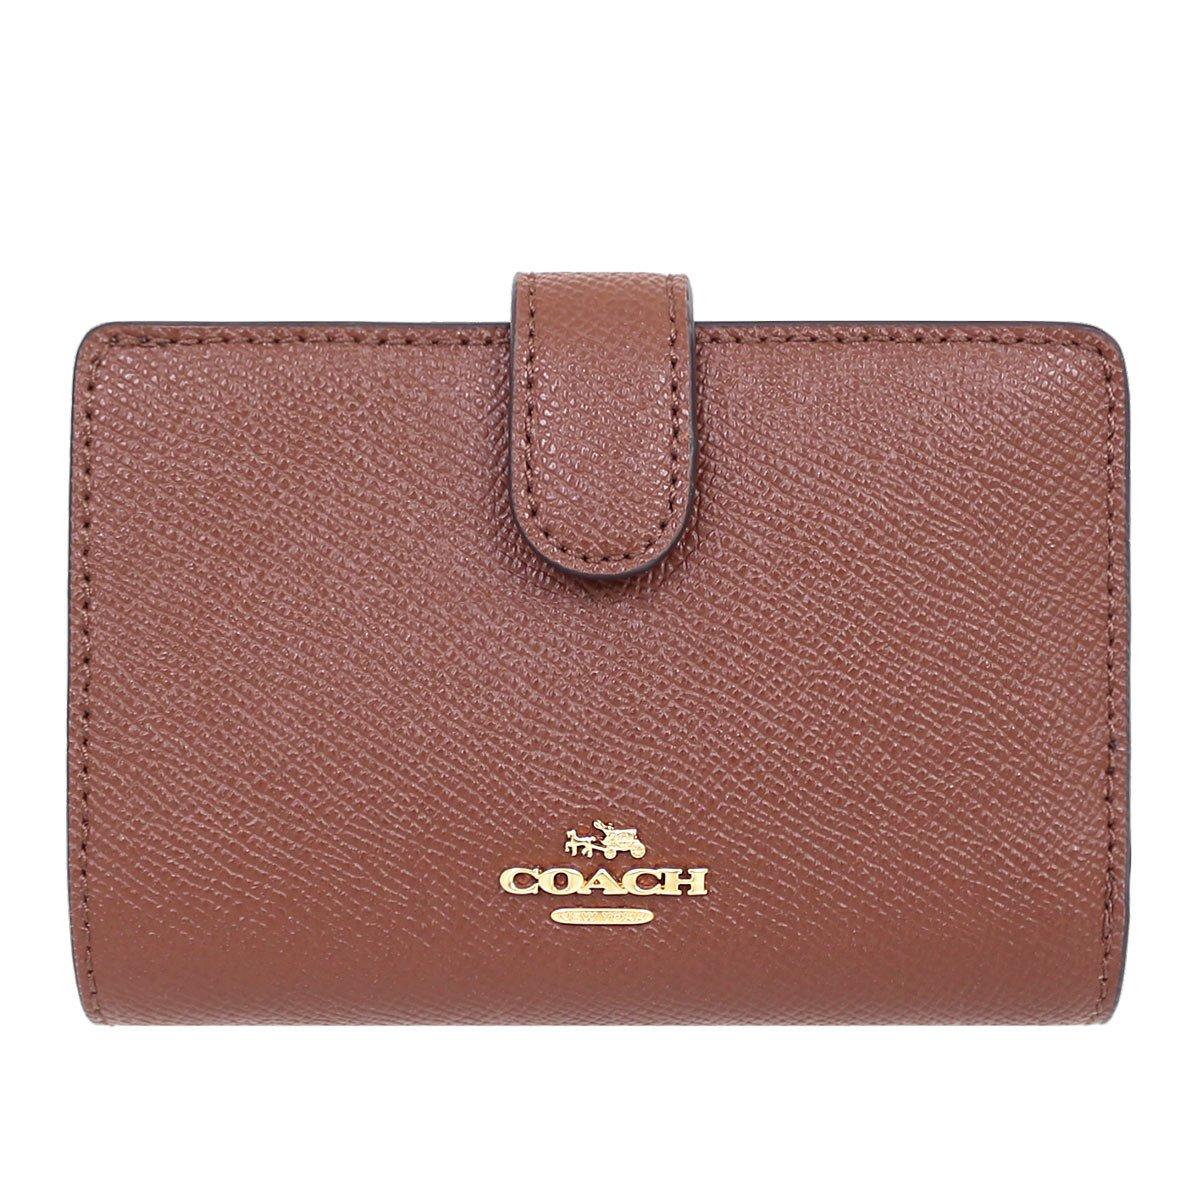 [コーチ] COACH 財布 (二つ折り財布) F11484 レザー 二つ折り財布 レディース [アウトレット品] [並行輸入品] B079VCLH5Q サドル2 サドル2